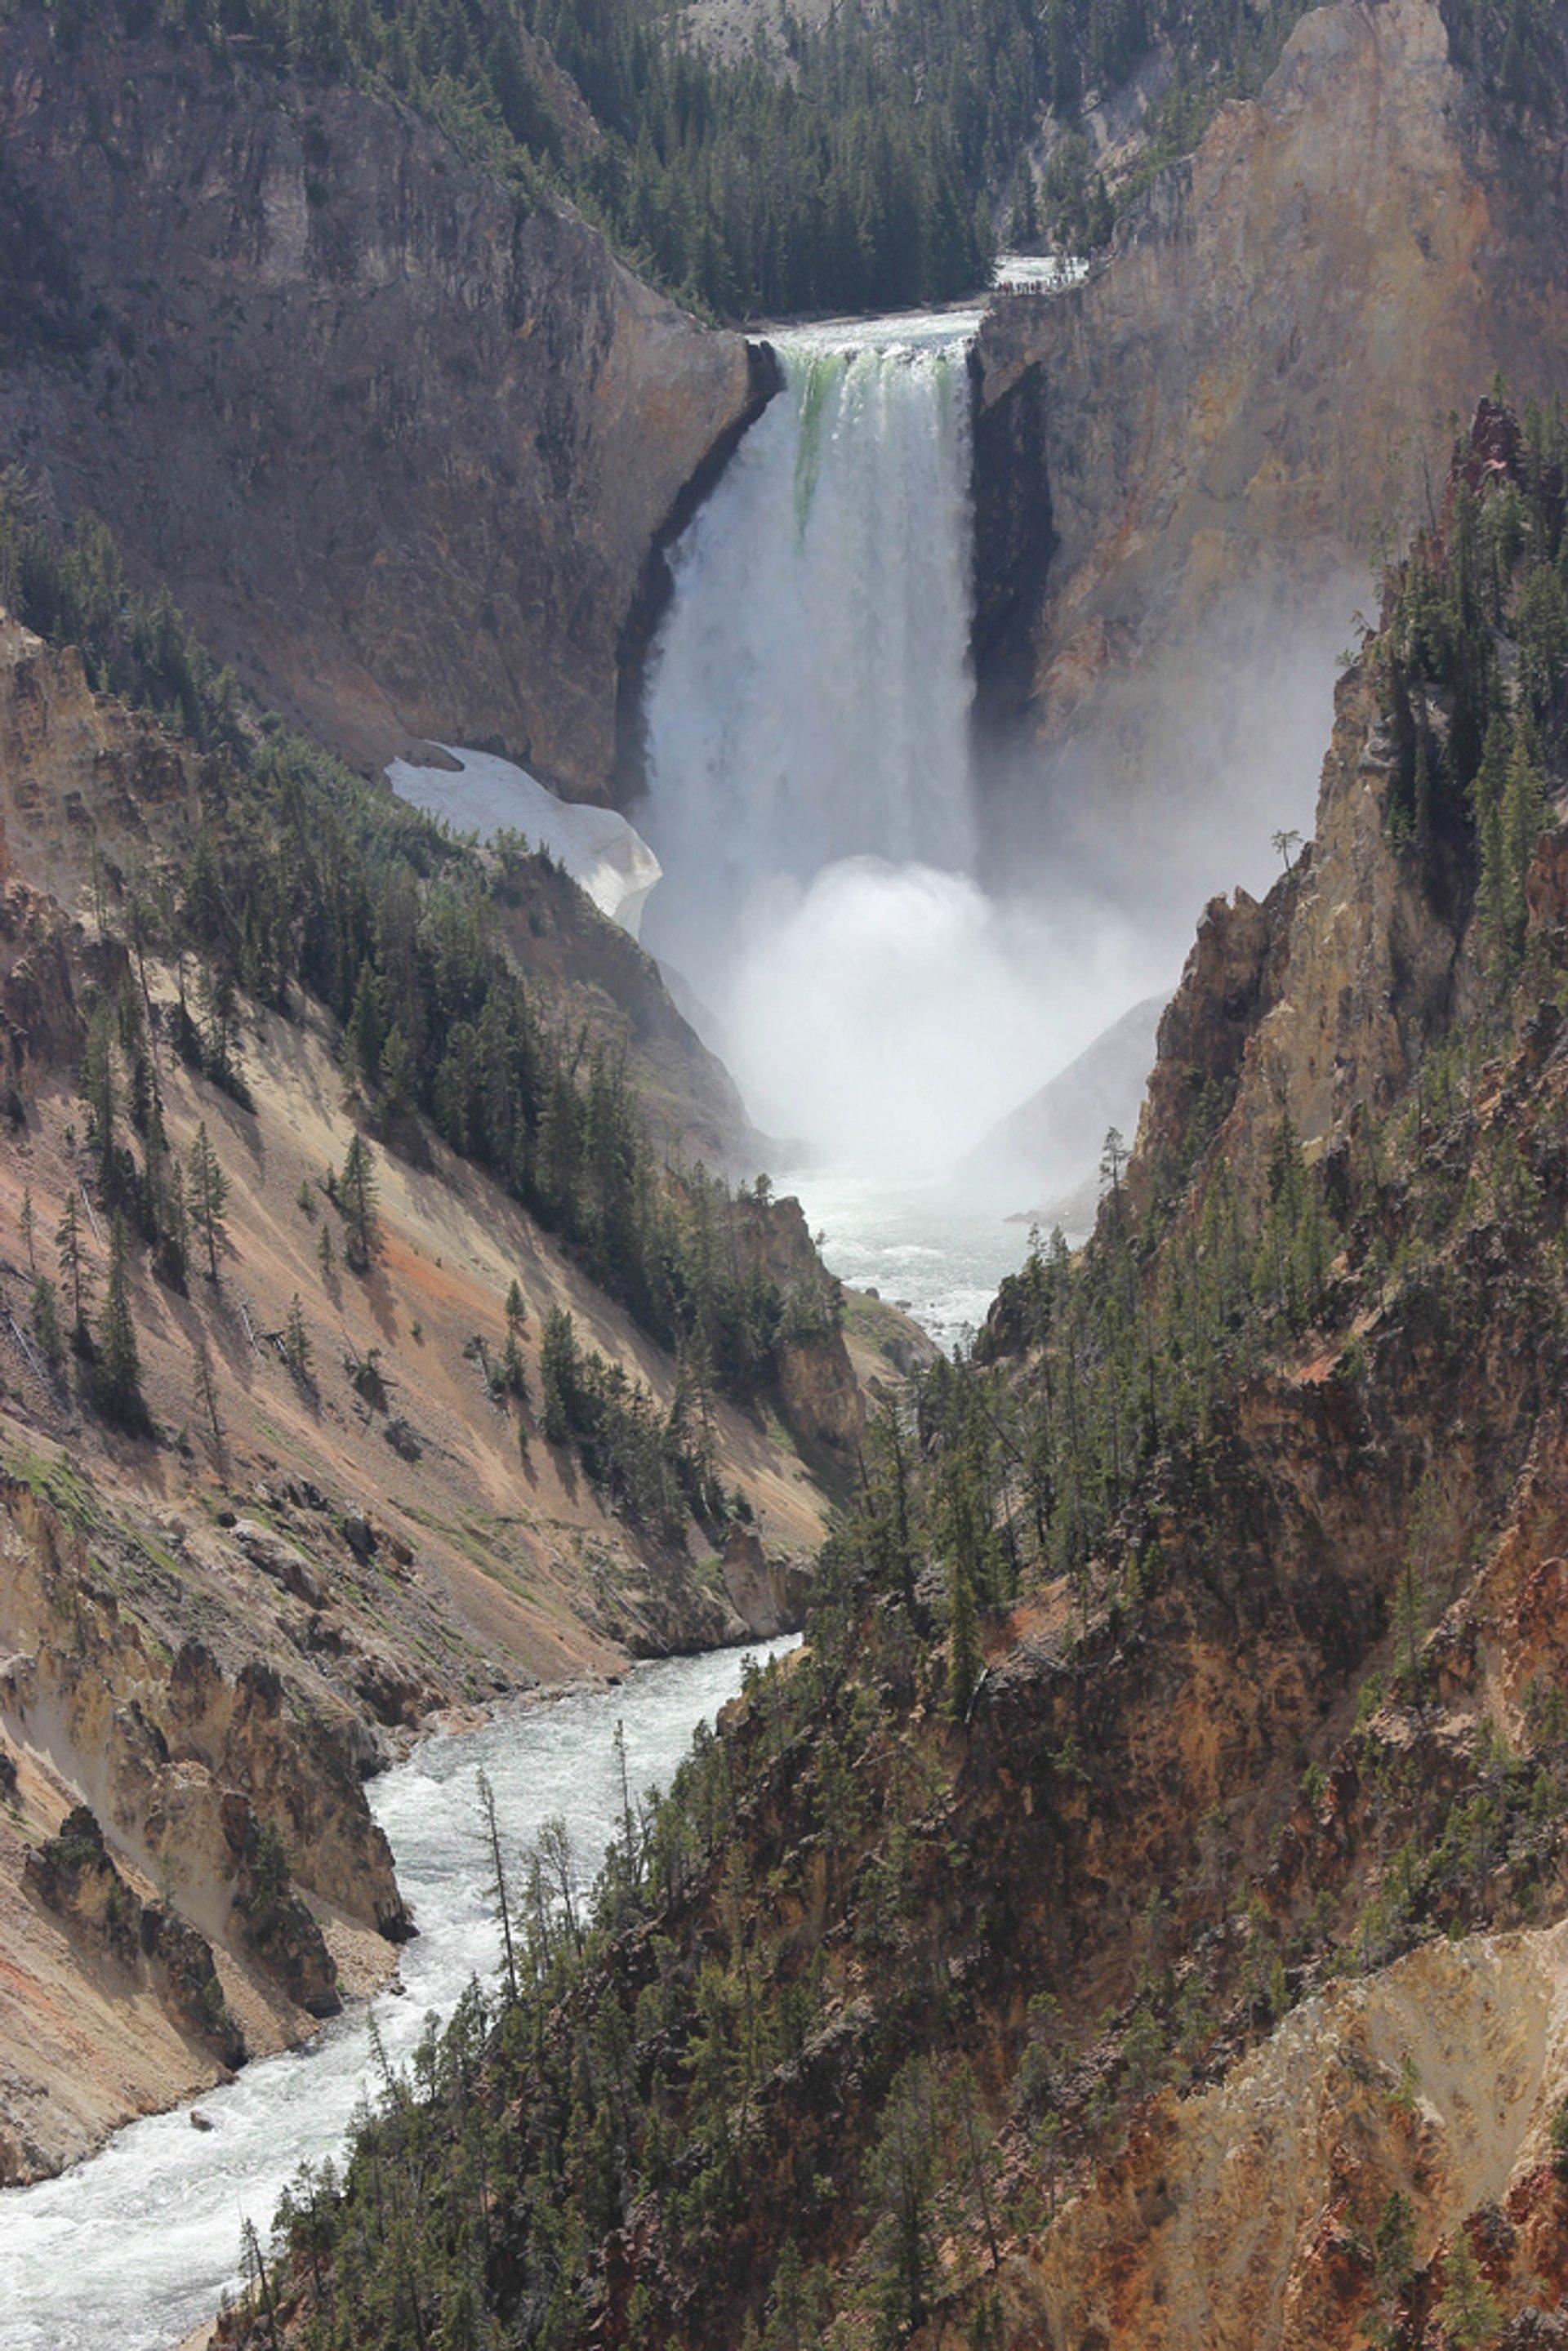 Upper Falls 2020